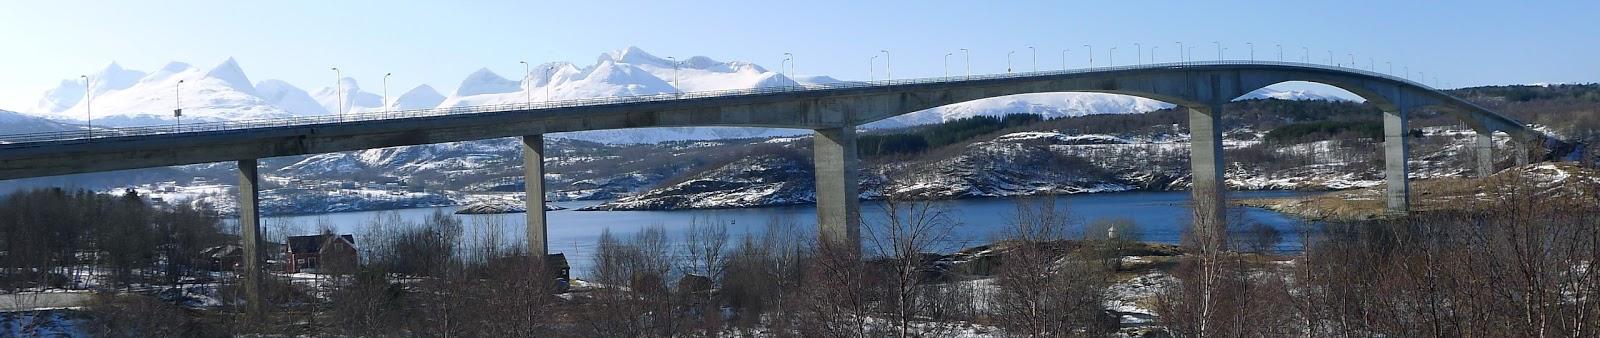 chatte på tinder Bodø